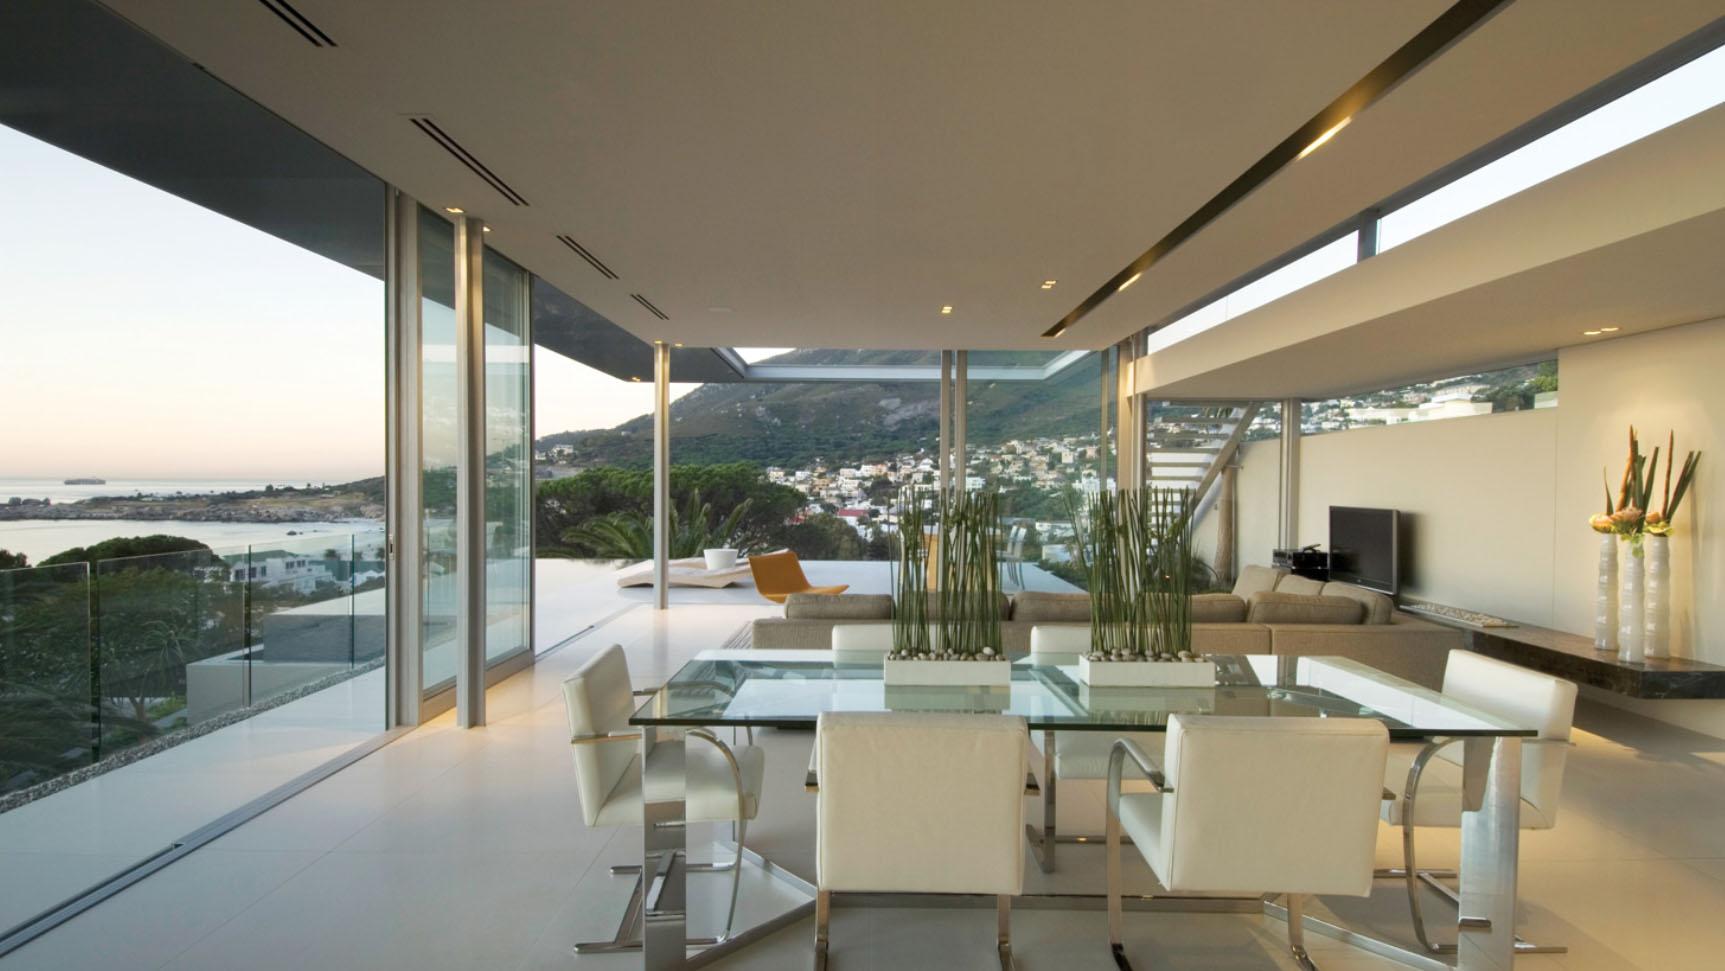 Simple Sala Design